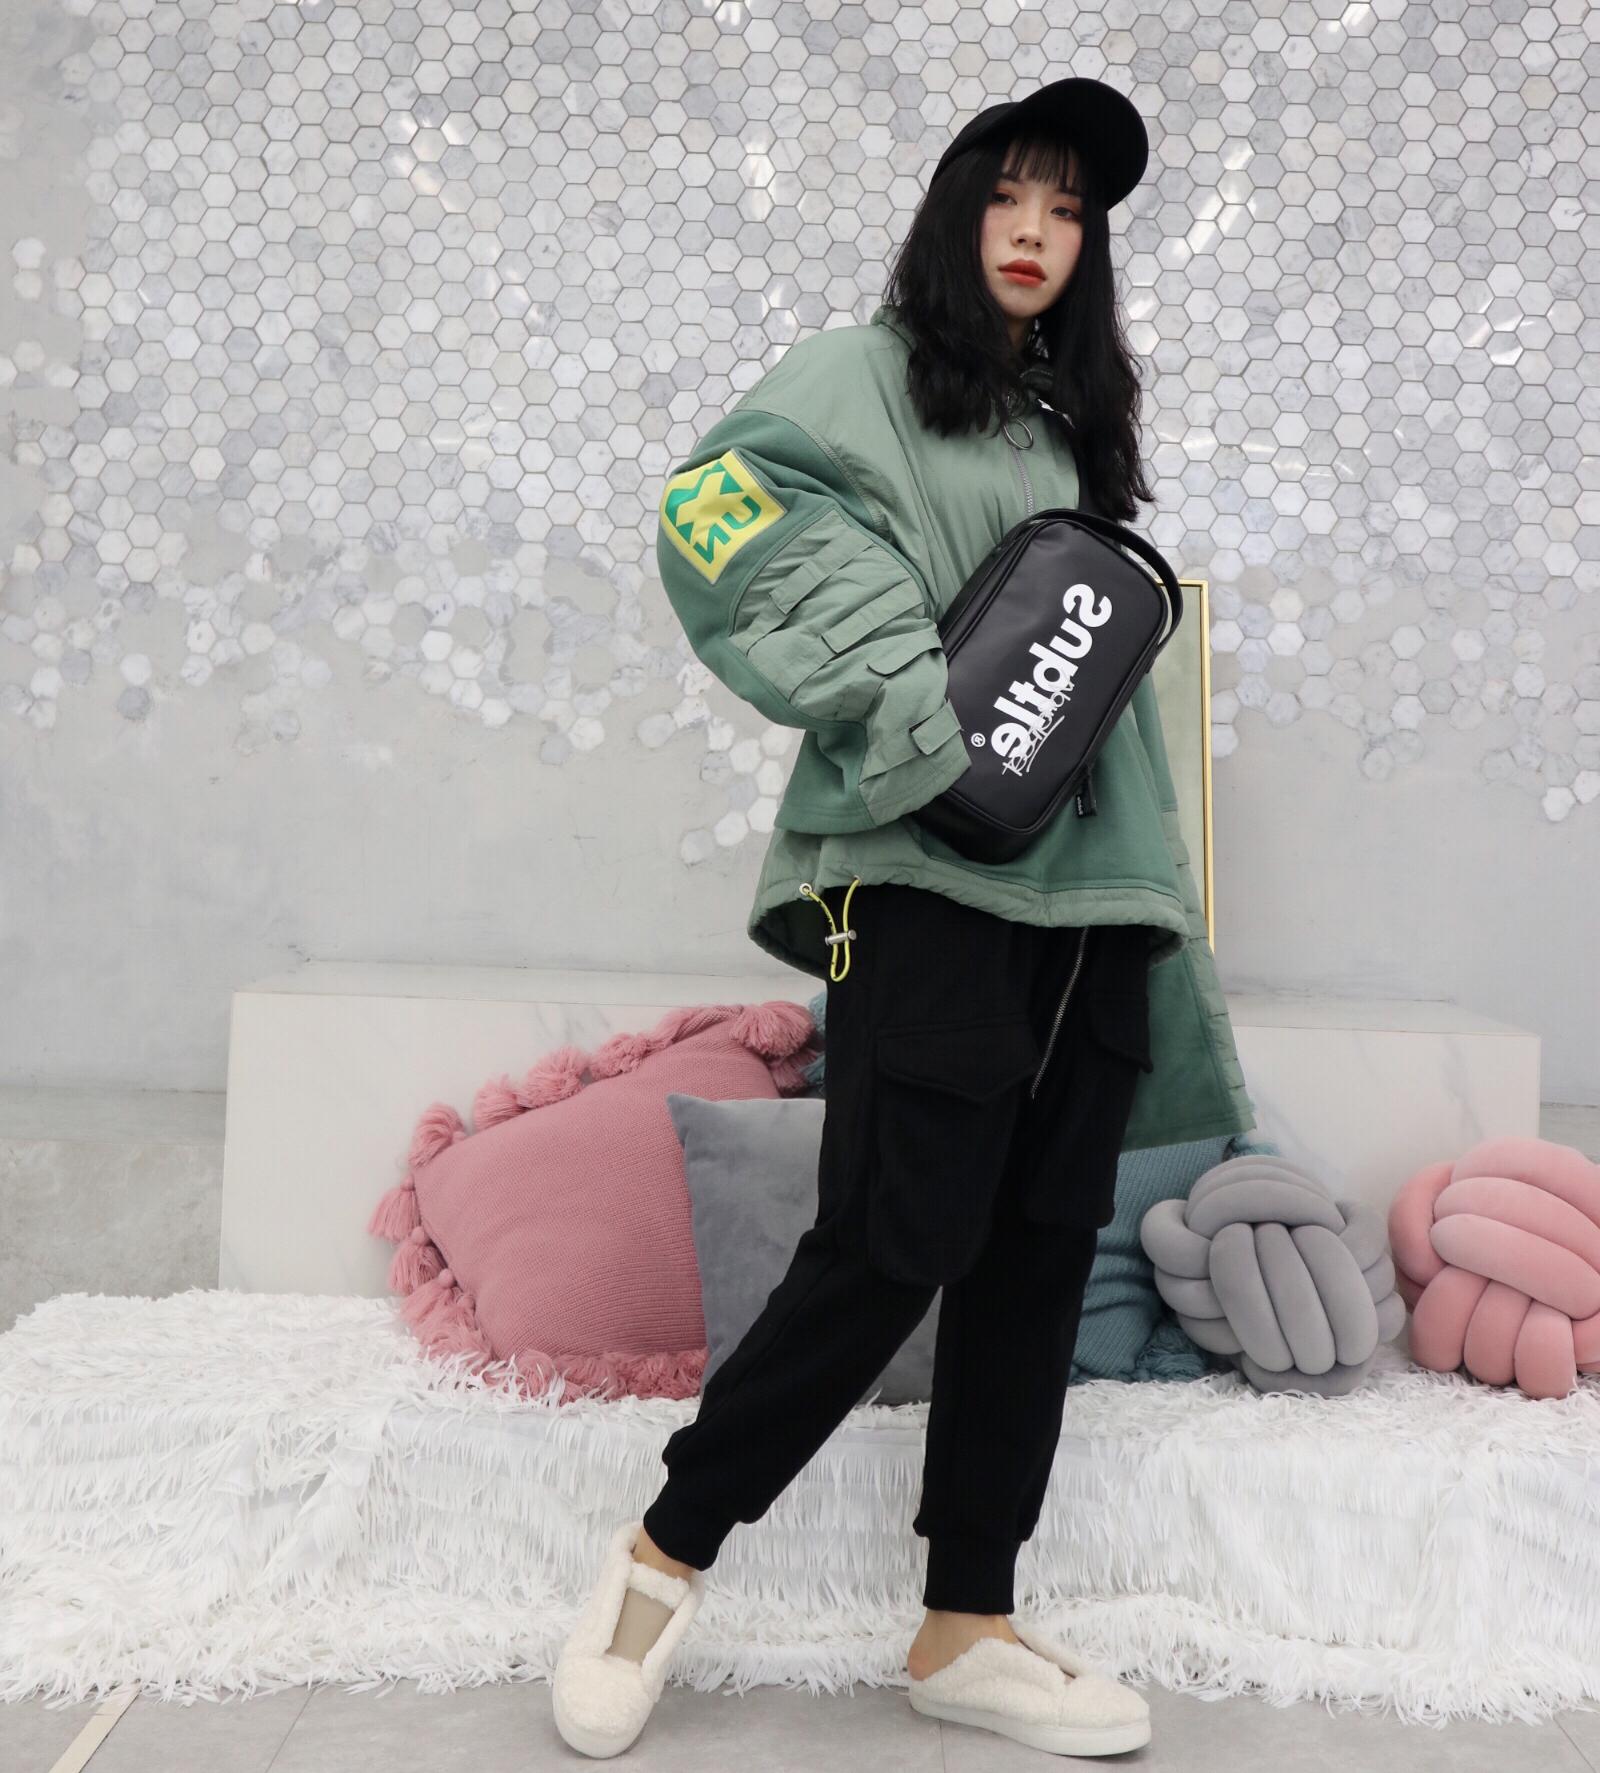 女生穿搭|休闲运动装 绿色棉卫衣➕黑色跨裤➕毛毛棉鞋➕运动包 绿色上衣是一件羽绒服穿起来很保暖 裤子是跨裤穿起来舒服也挺酷哒 整体一套很简单也舒服 #跨年就该这样穿#